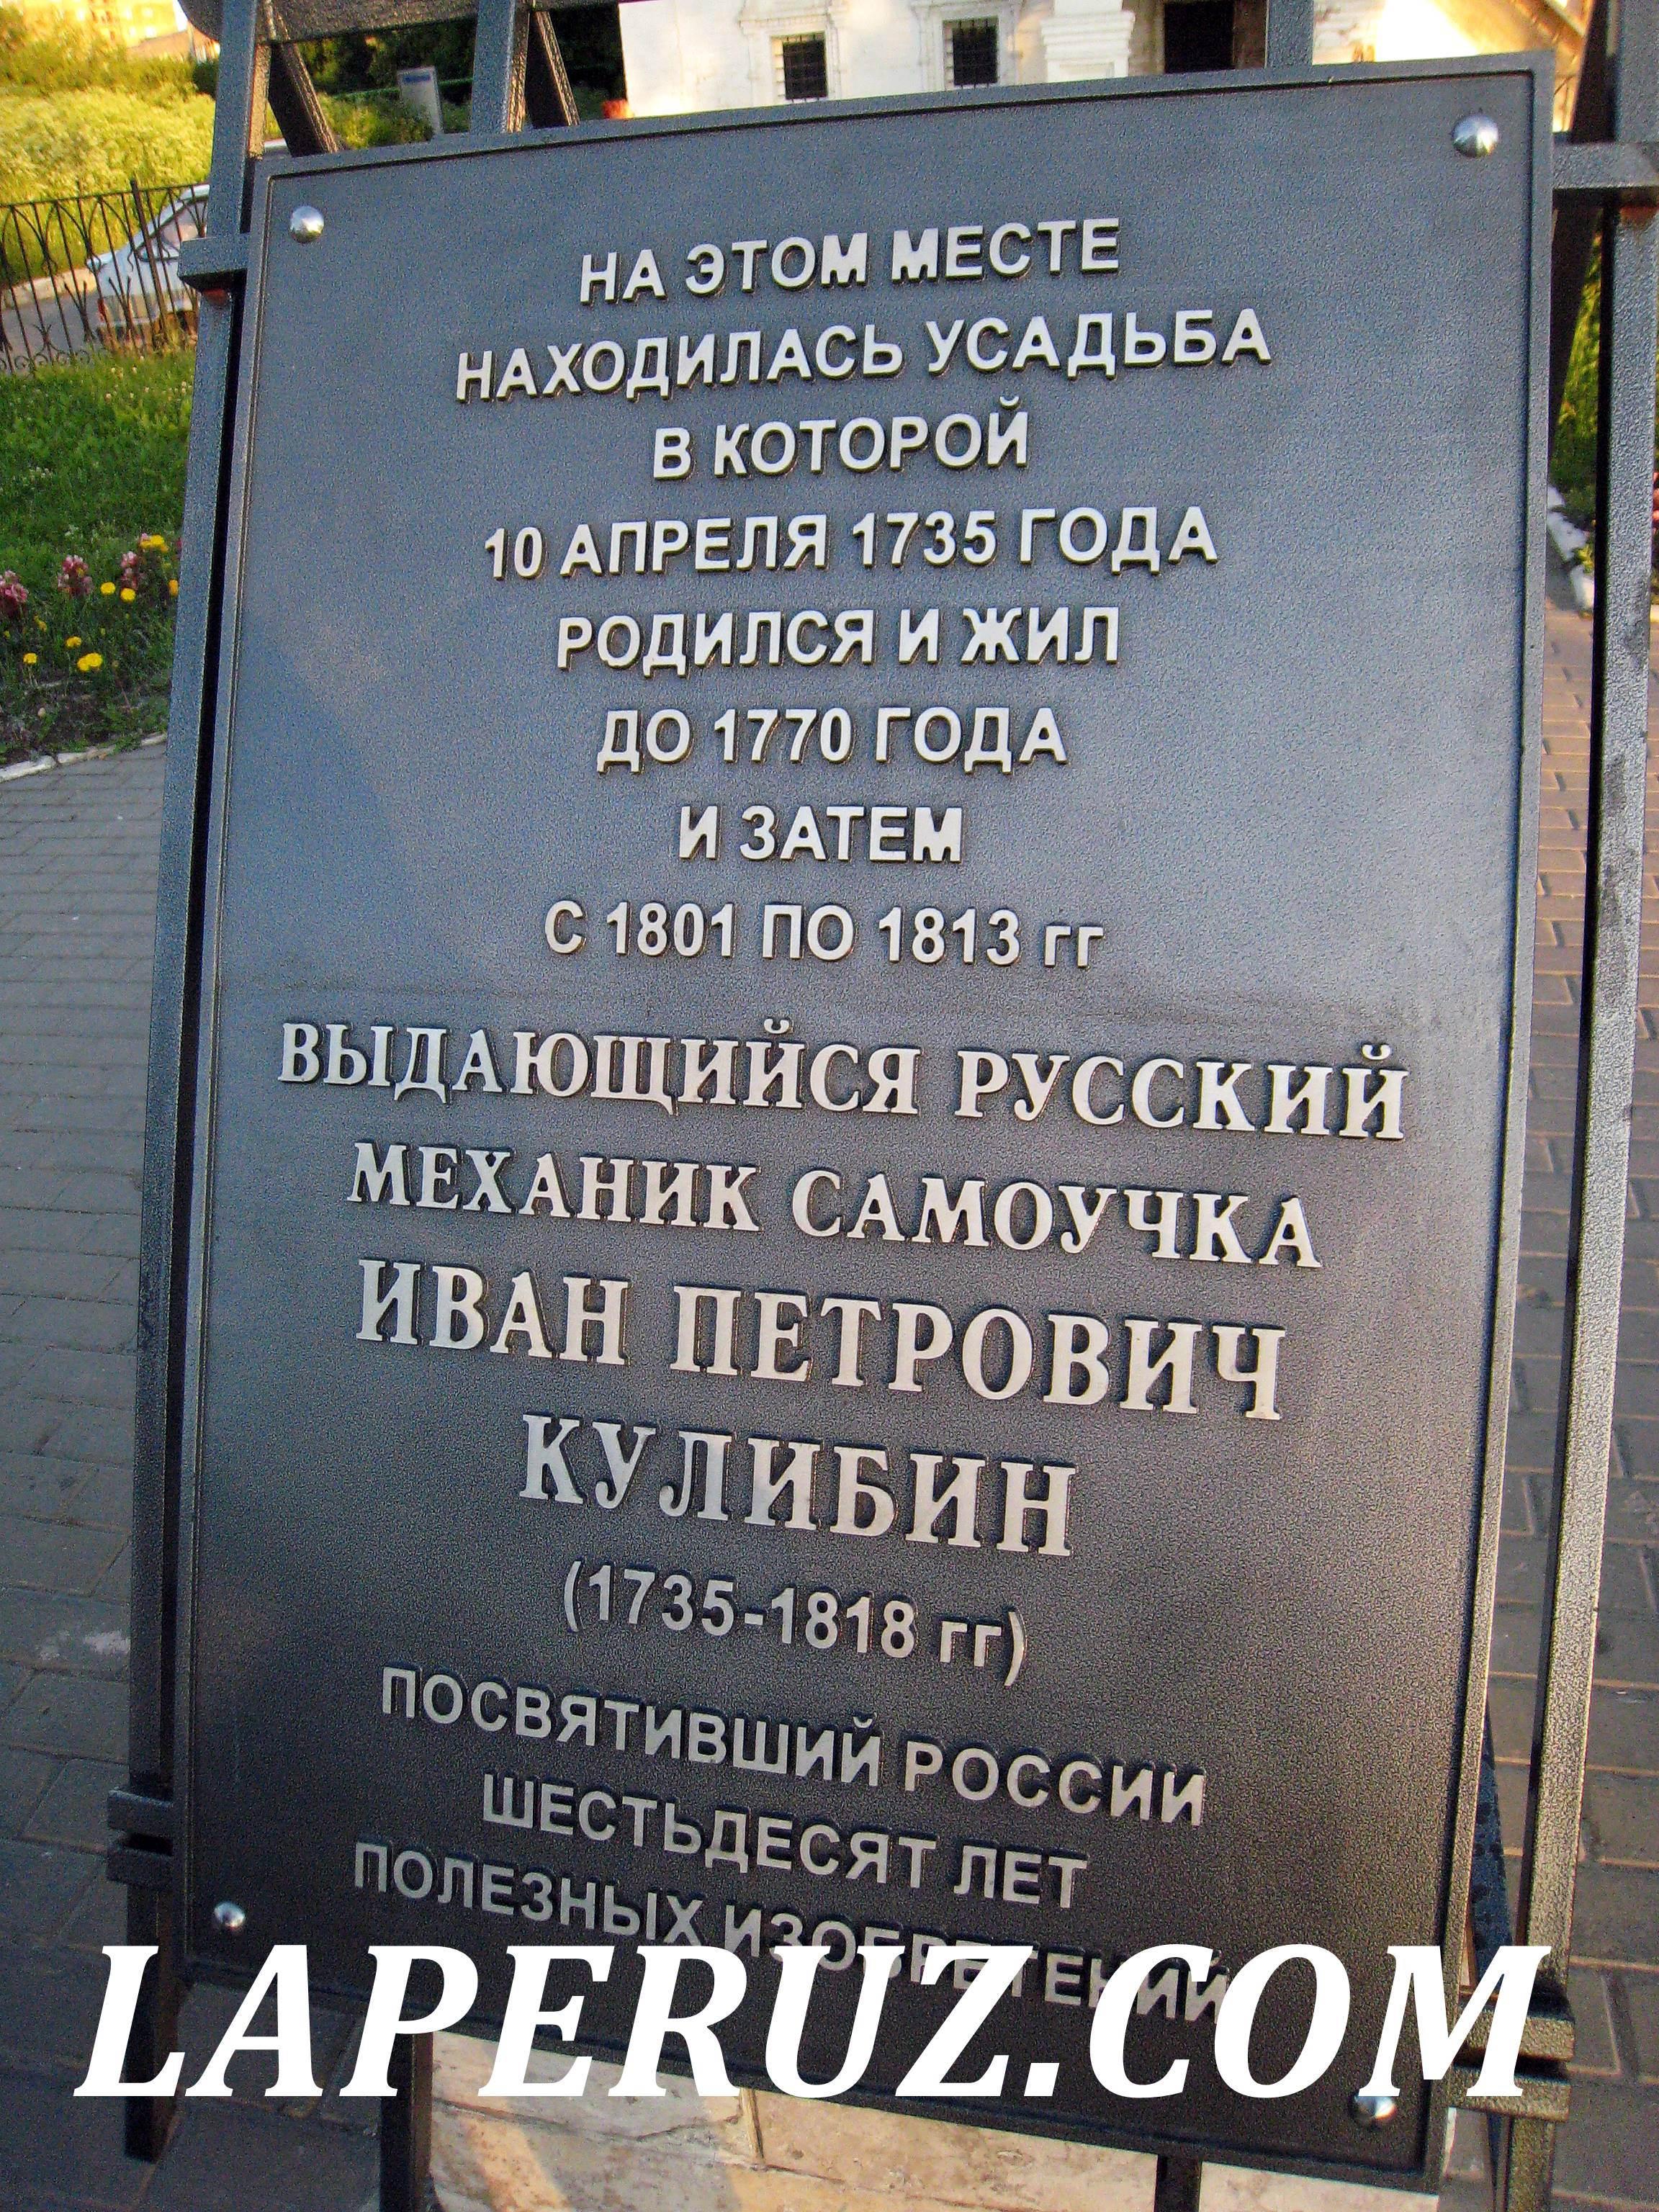 usadba_kulibina_nizhniy_novgorod_2